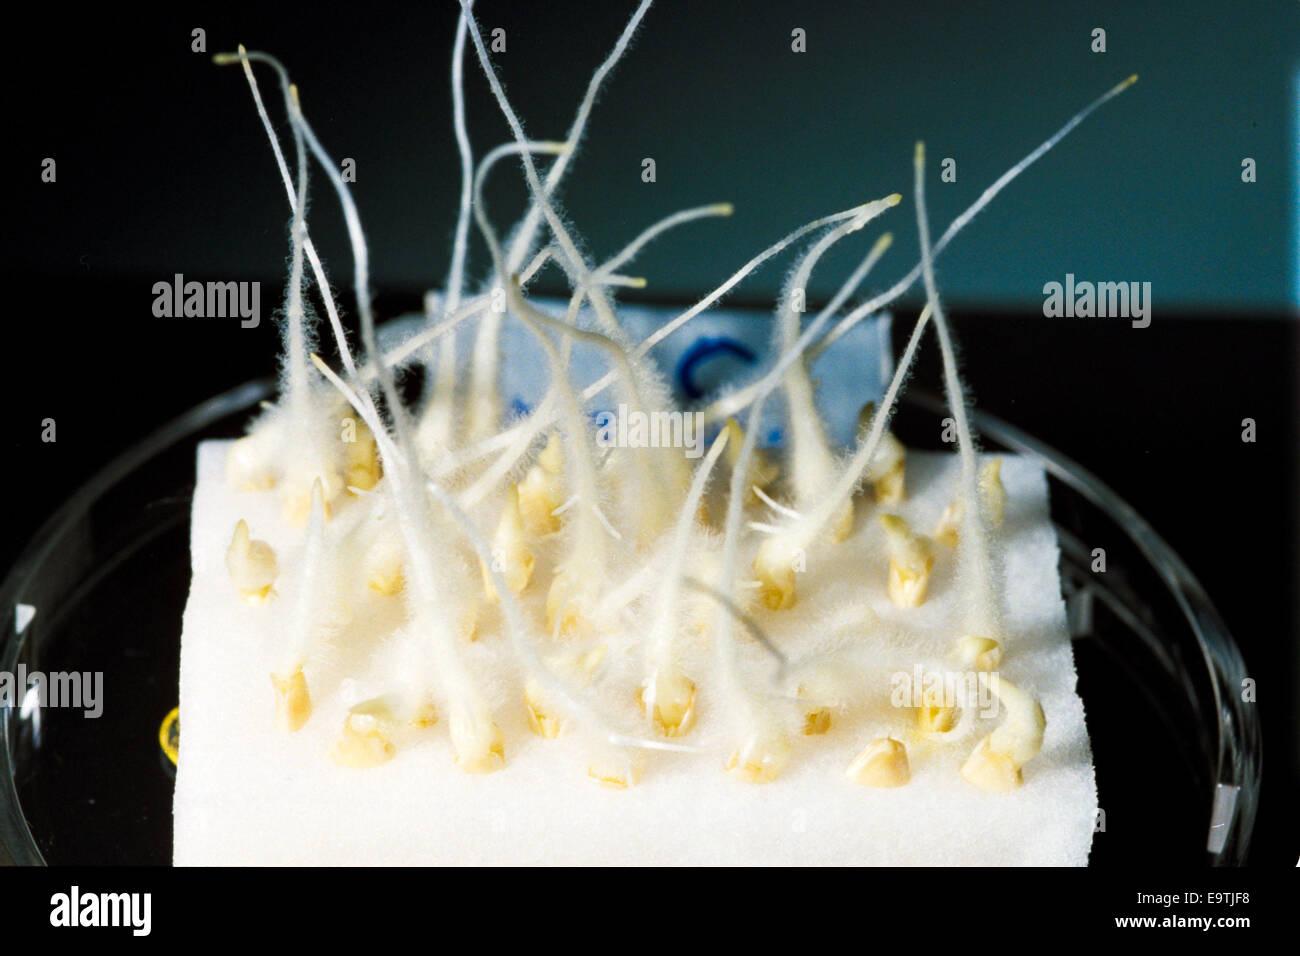 In diesem Bild: Blick auf Wachstum des Keimlings in einer Petrischale während Raumfähre Discovery STS Stockbild